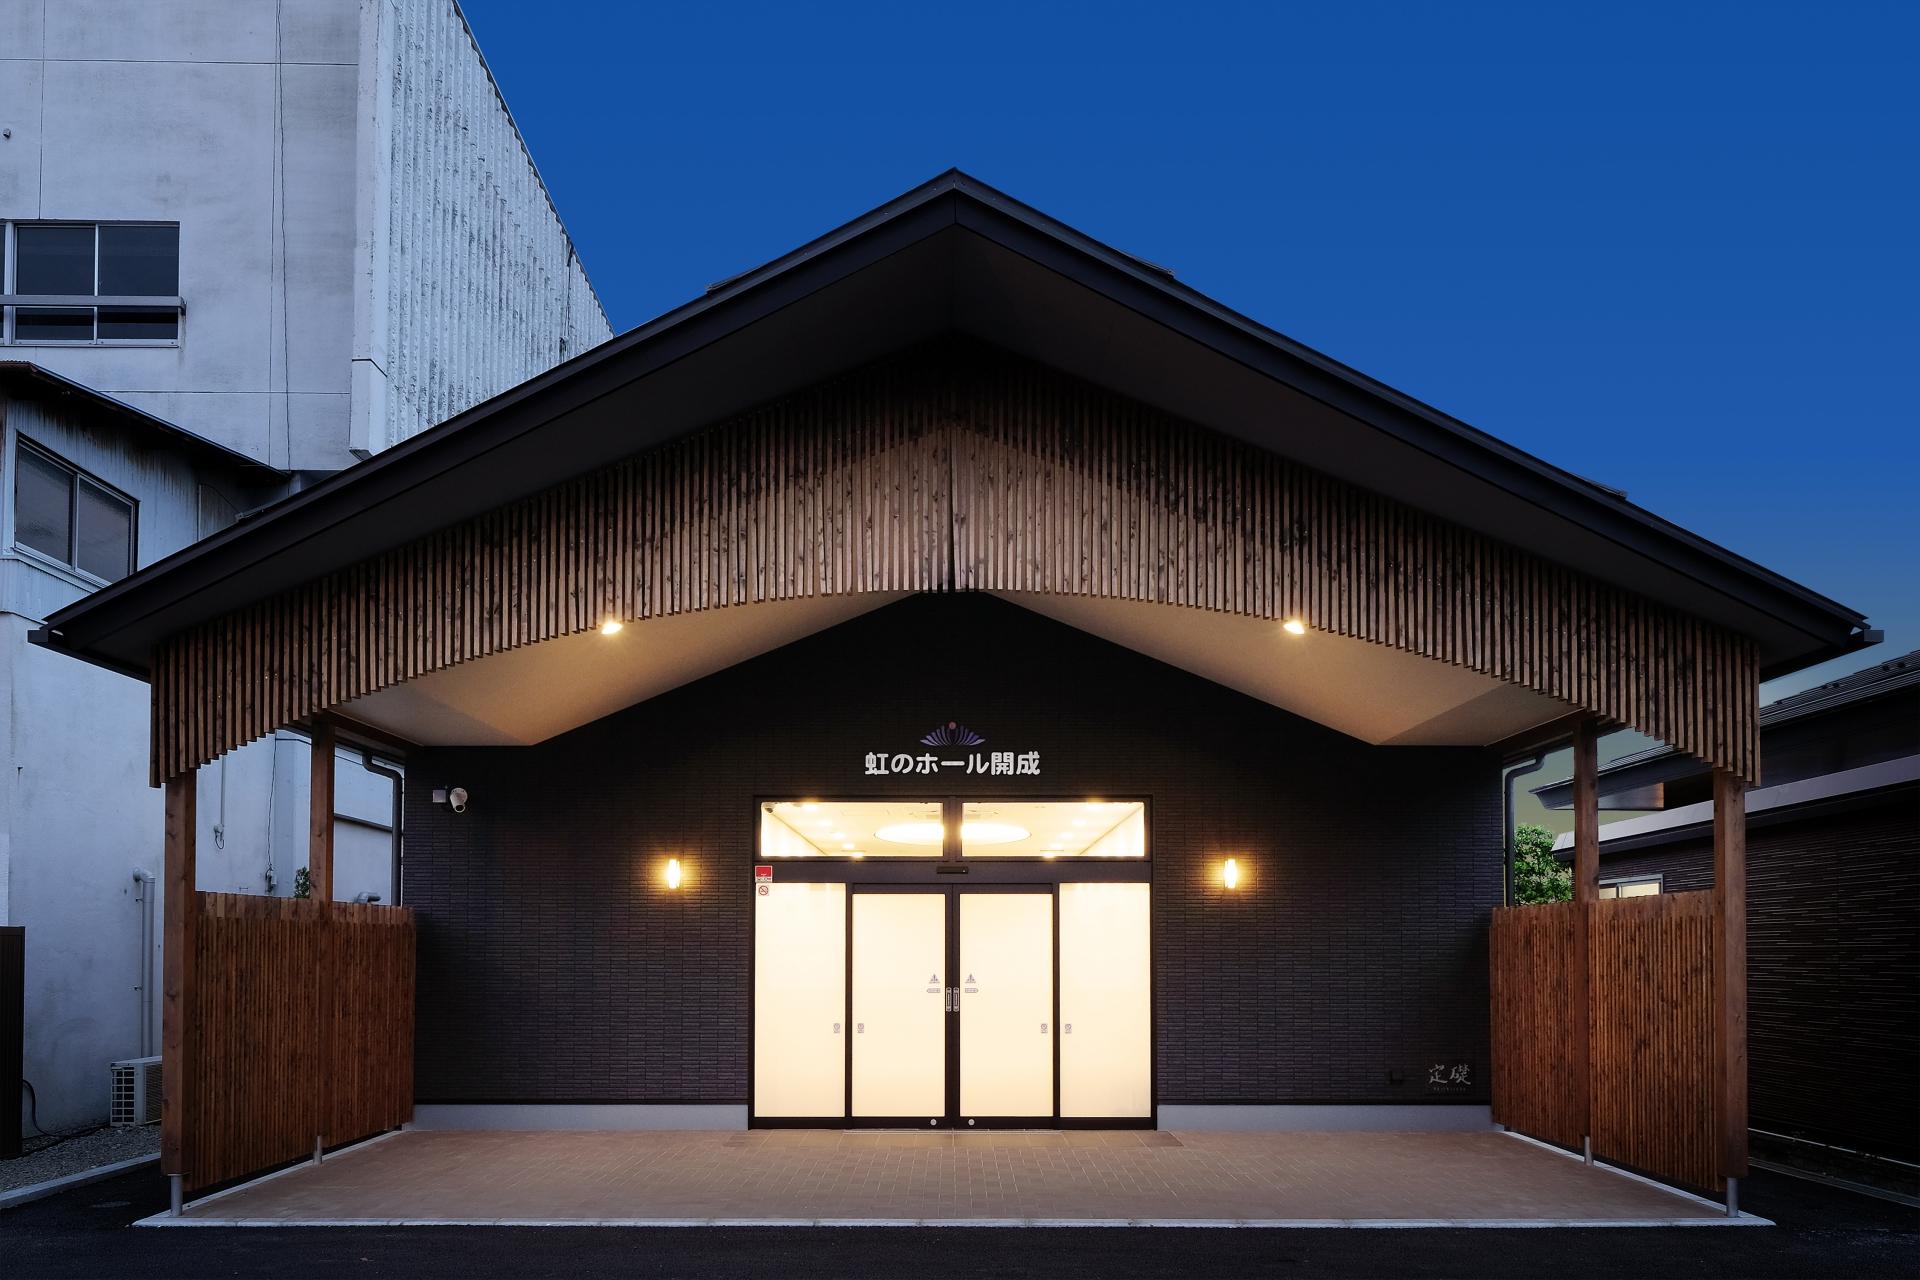 虹のホール開成 小ホール新築工事(開成町)